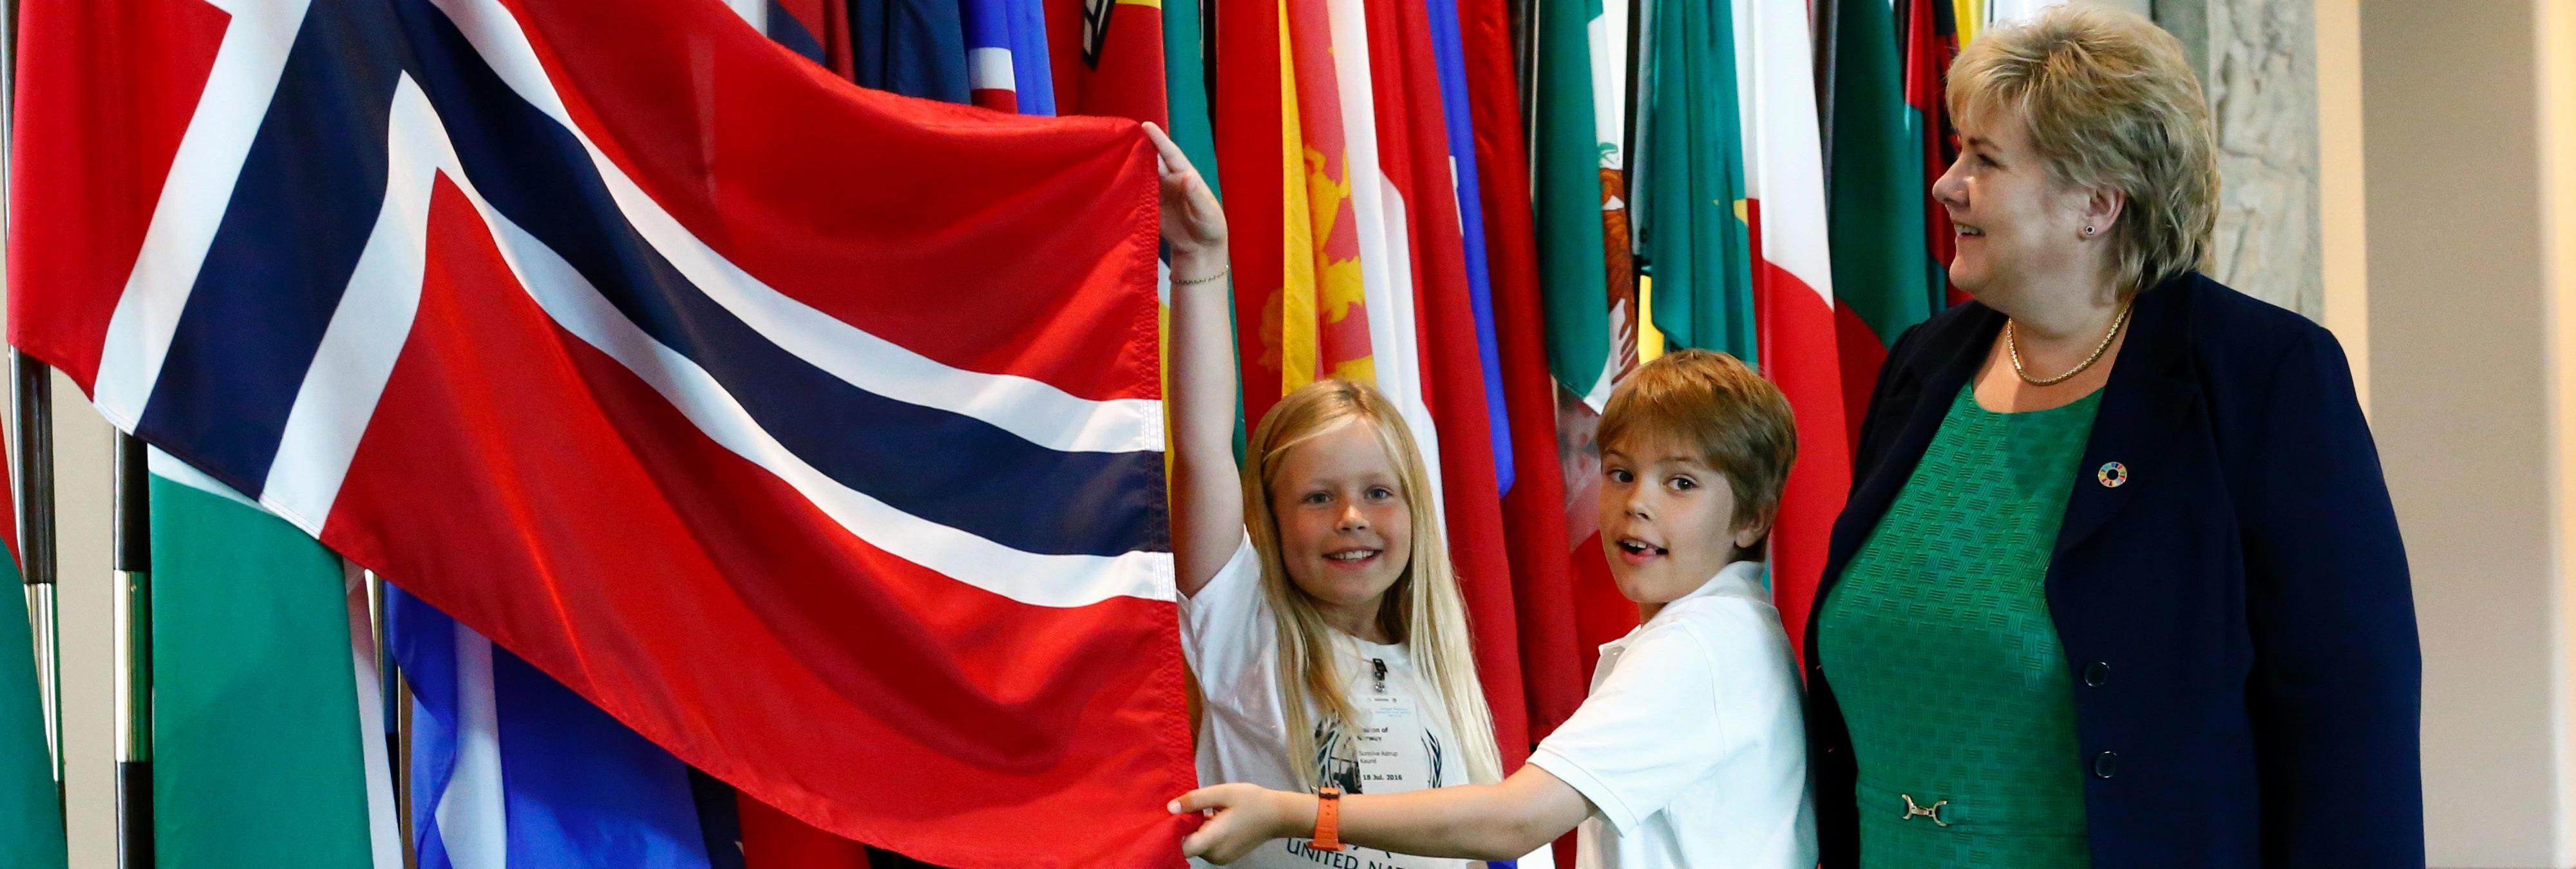 Noruega podría ser el futuro de Reino Unido tras el Brexit... si se lo permiten